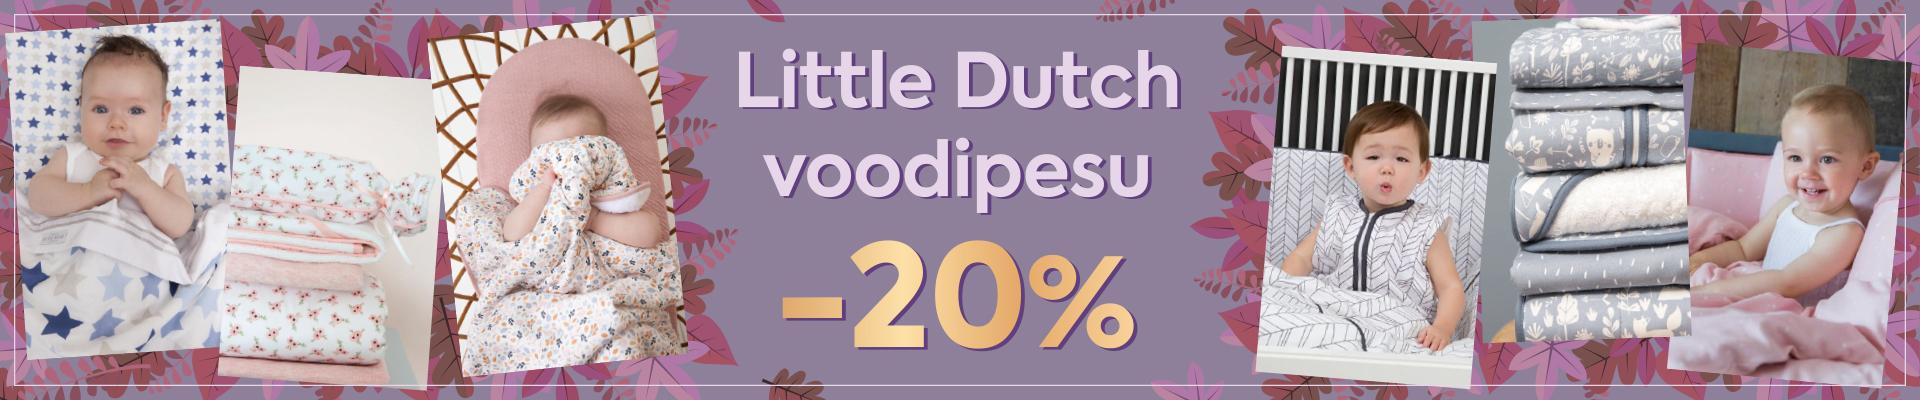 LD linad -20%